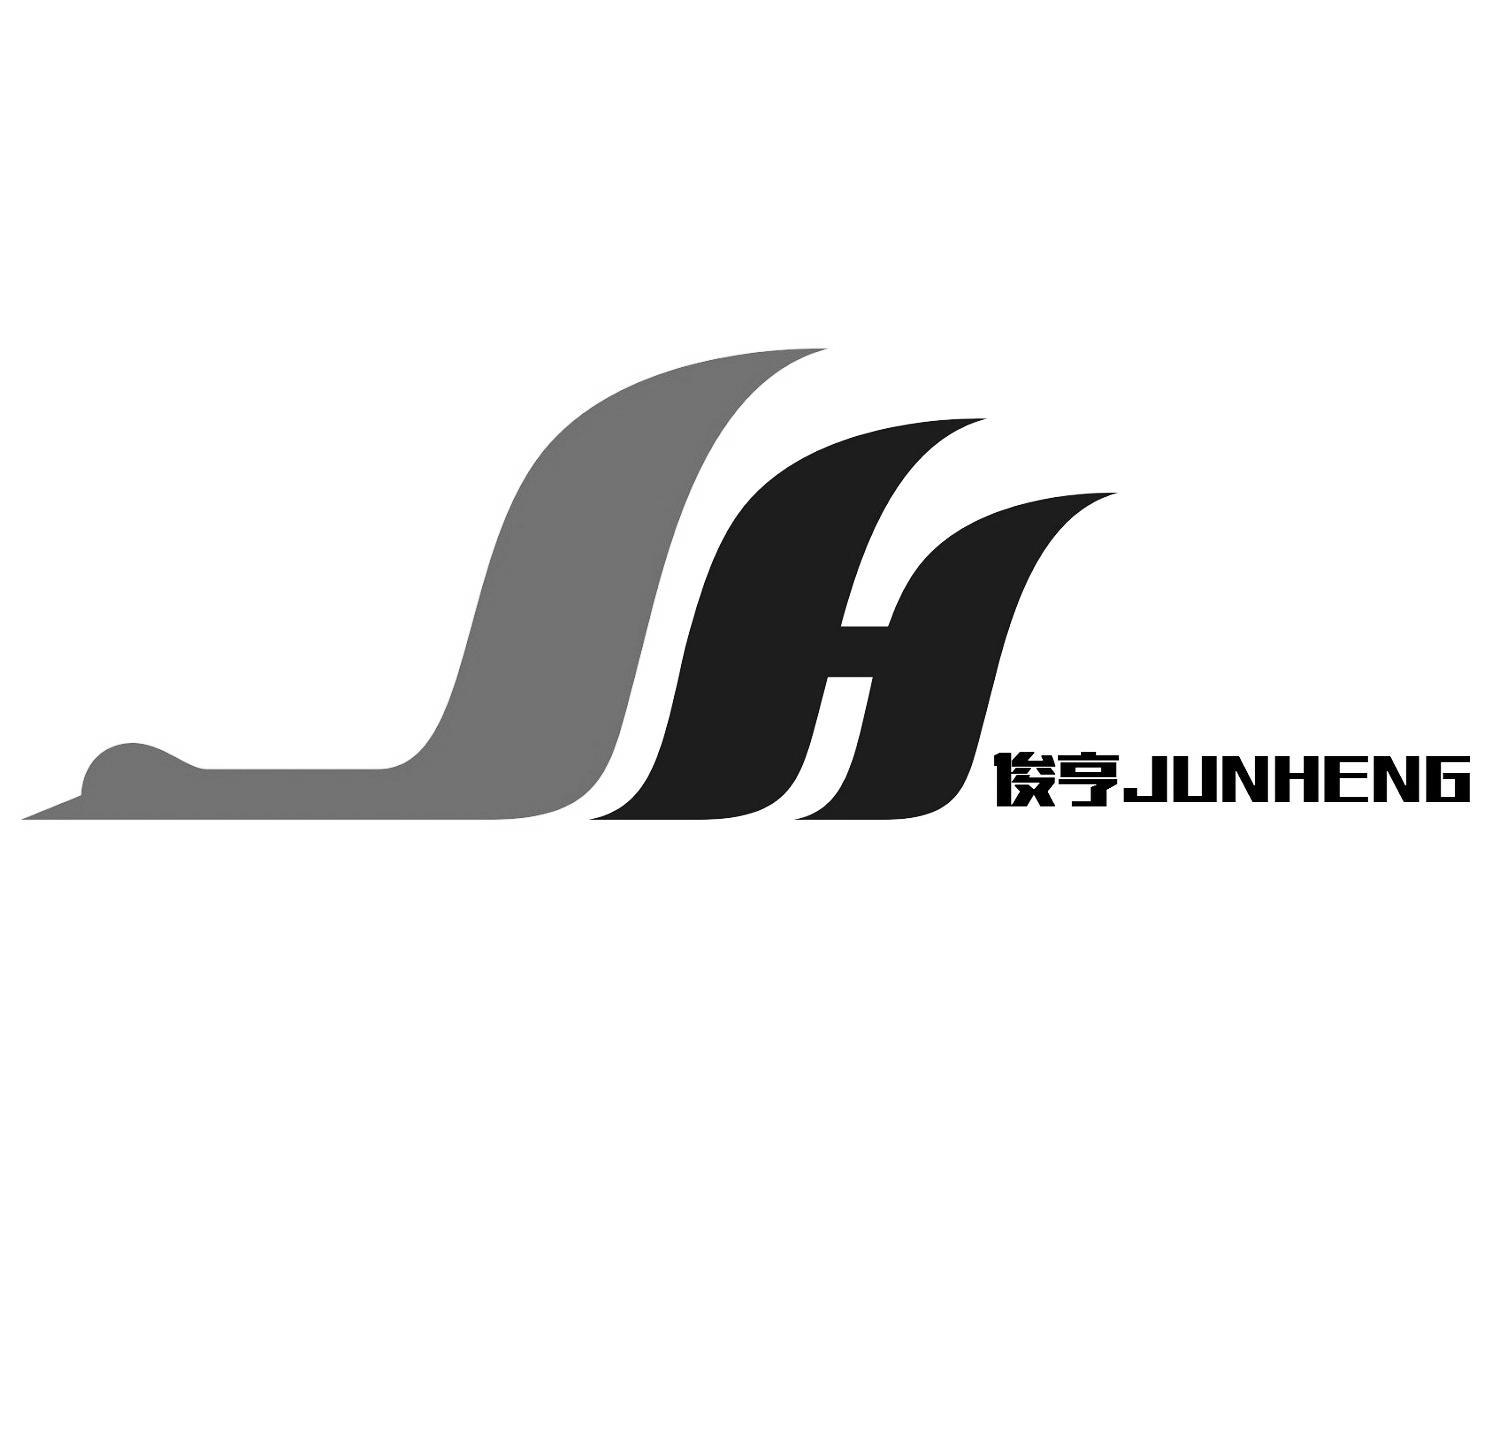 俊亨 JH